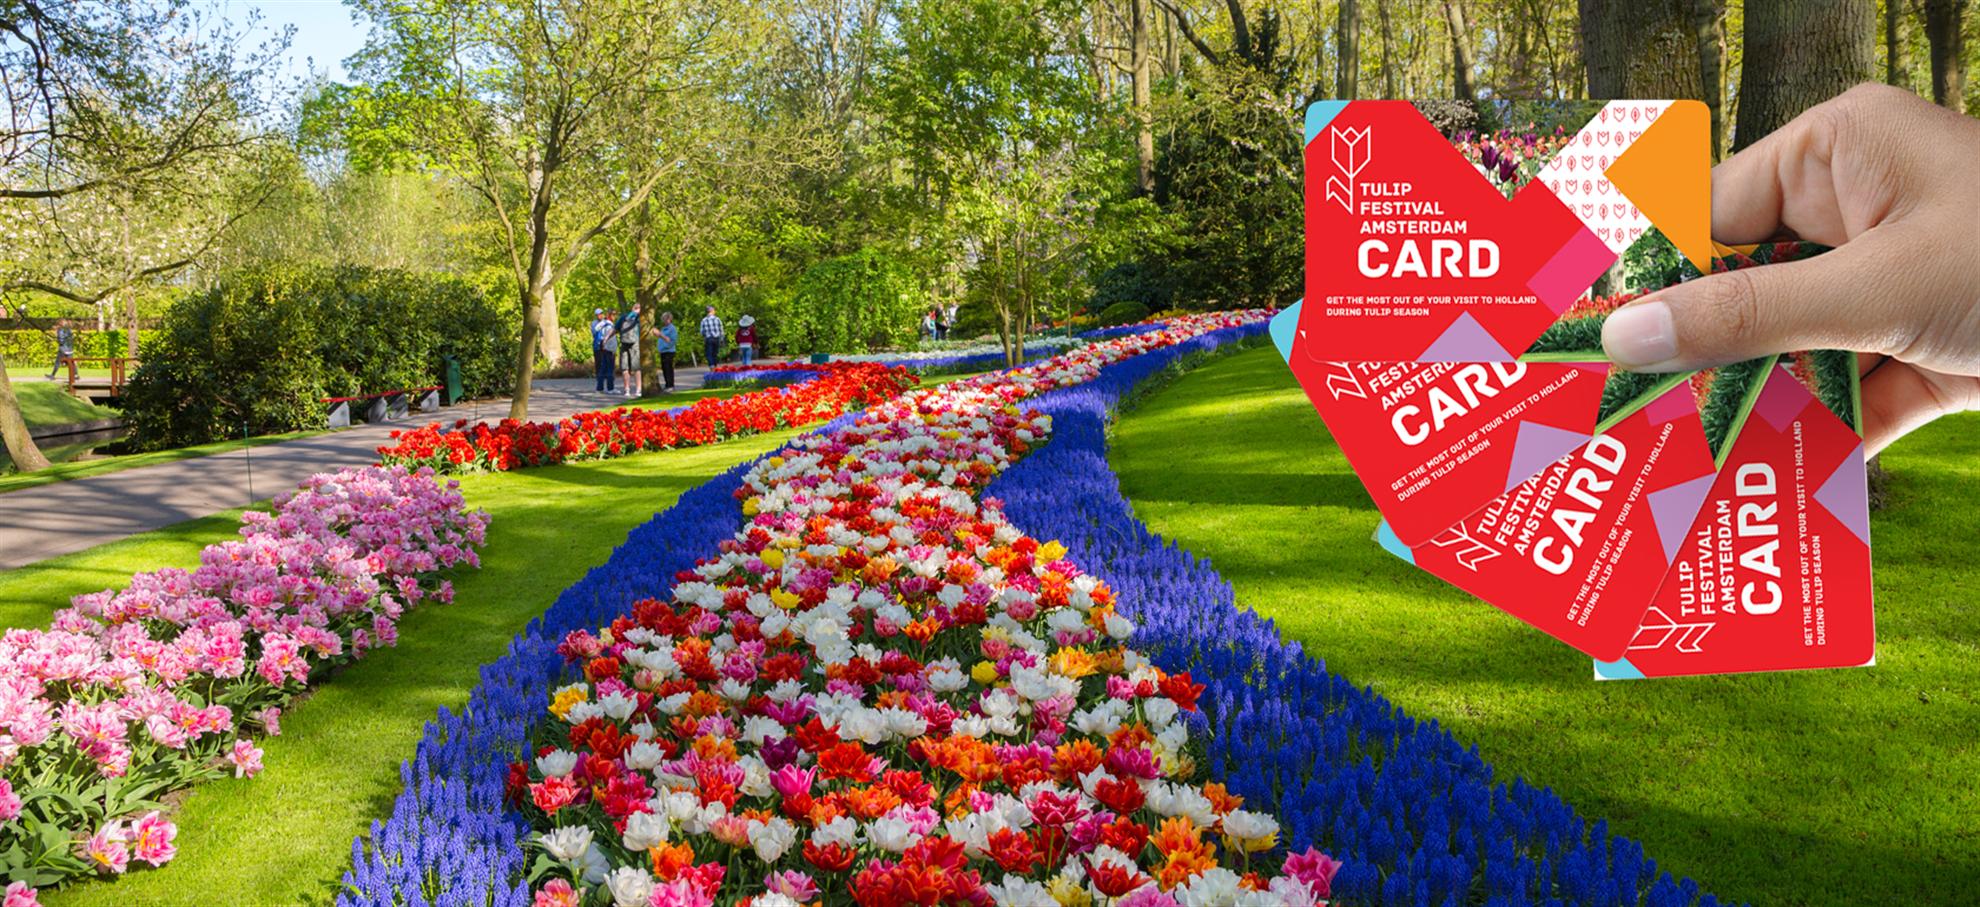 Карта фестиваля тюльпанов